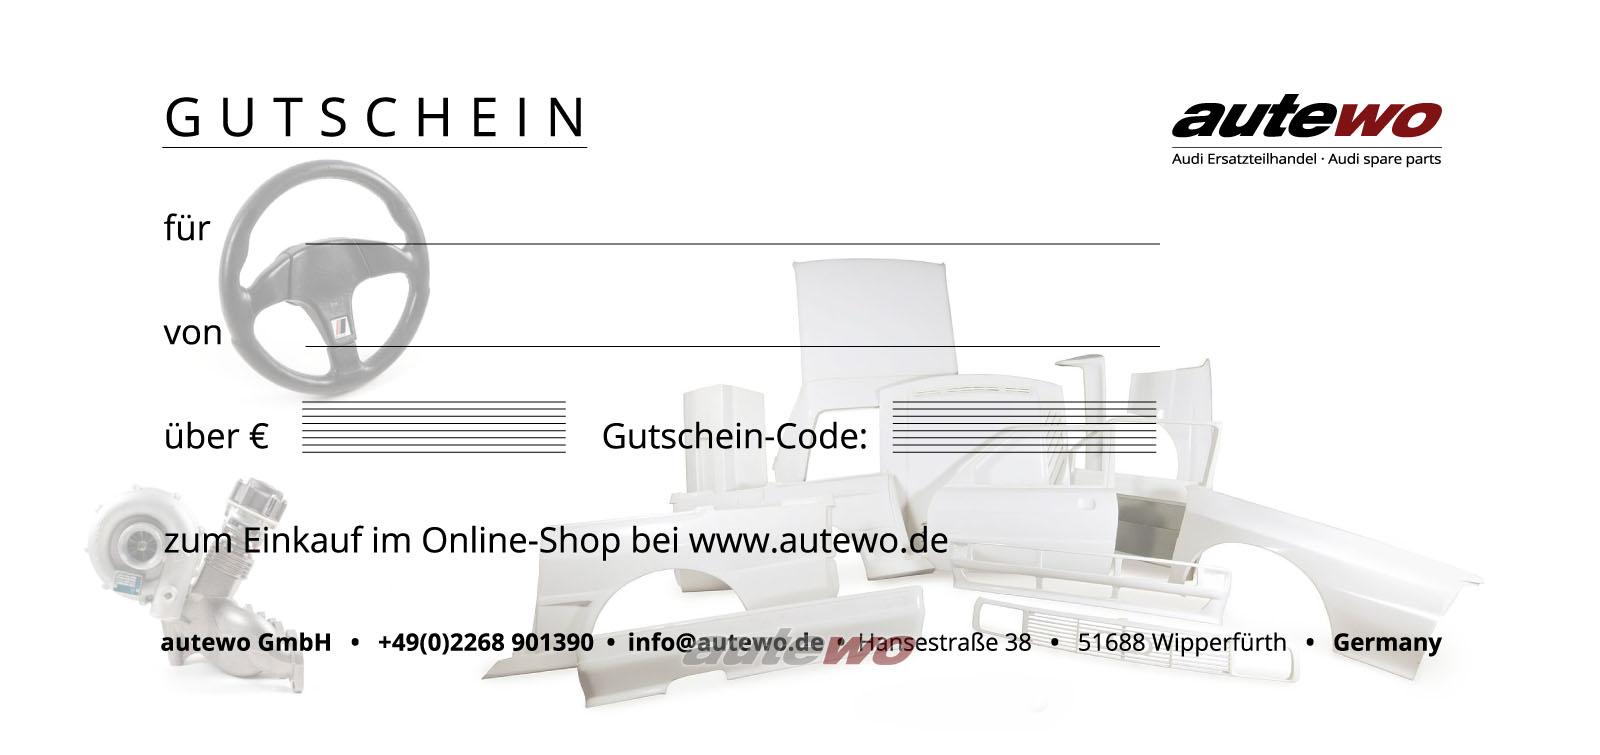 autewo-Geschenkgutschein 100 Euro Motiv Sportquattro -Emailversand zum Ausdruck-